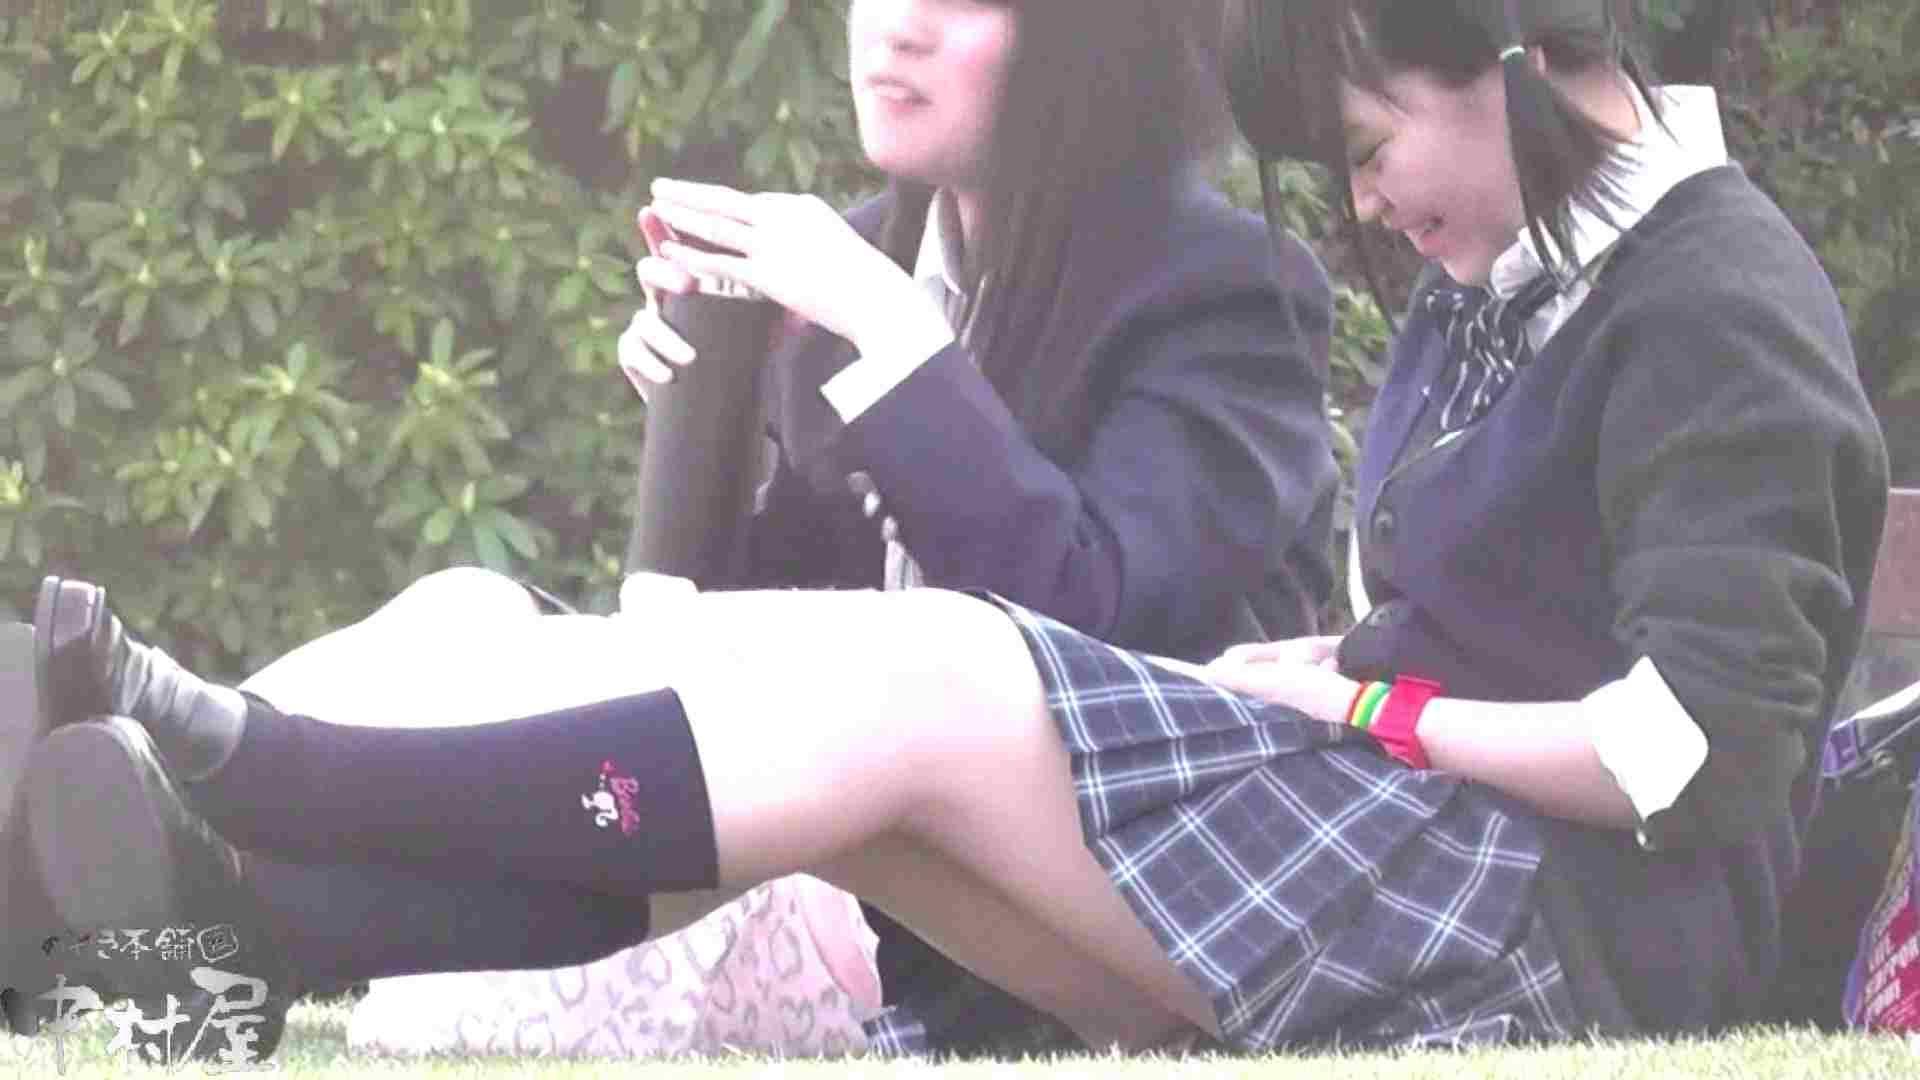 ドキドキ❤新入生パンチラ歓迎会vol.04 盗撮シリーズ すけべAV動画紹介 92PIX 82